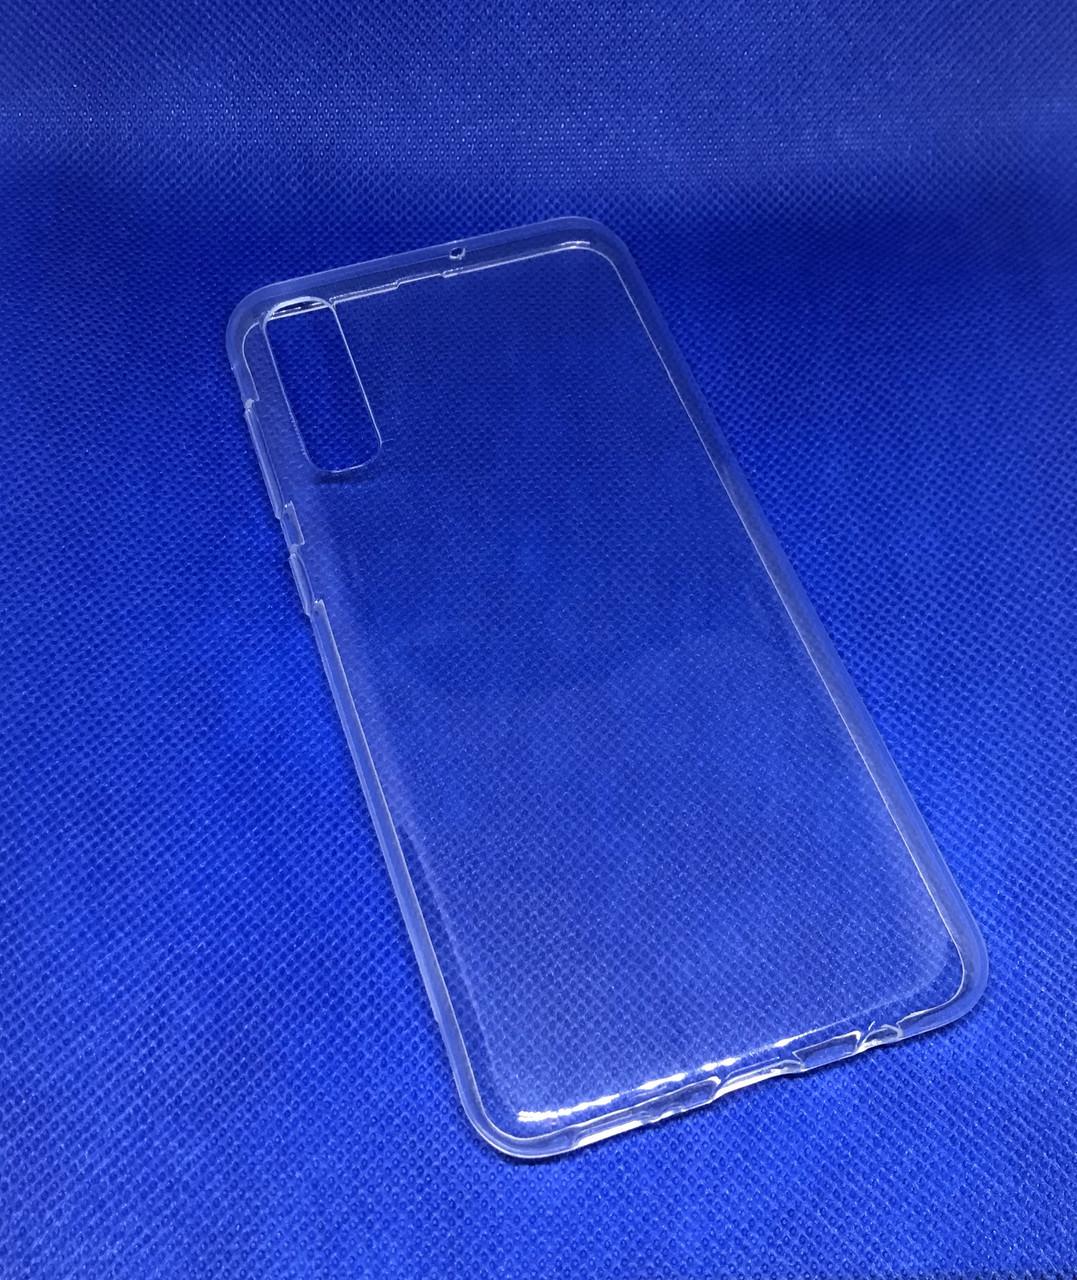 Samsung Galaxy A50 2019 (A505F) прозрачный силиконовый ультратонкий чехол/ бампер/ накладка